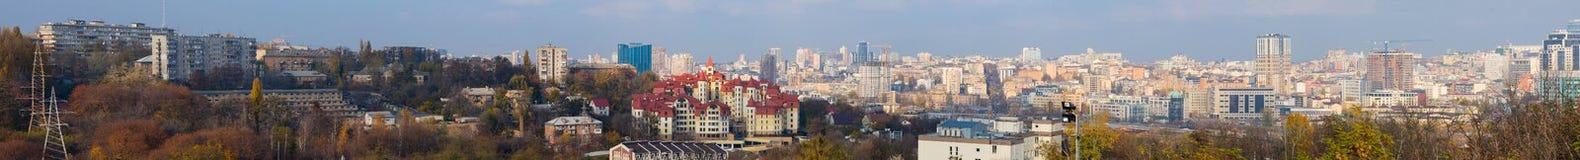 Panorama Kijów od wysokiego punktu zdjęcia stock